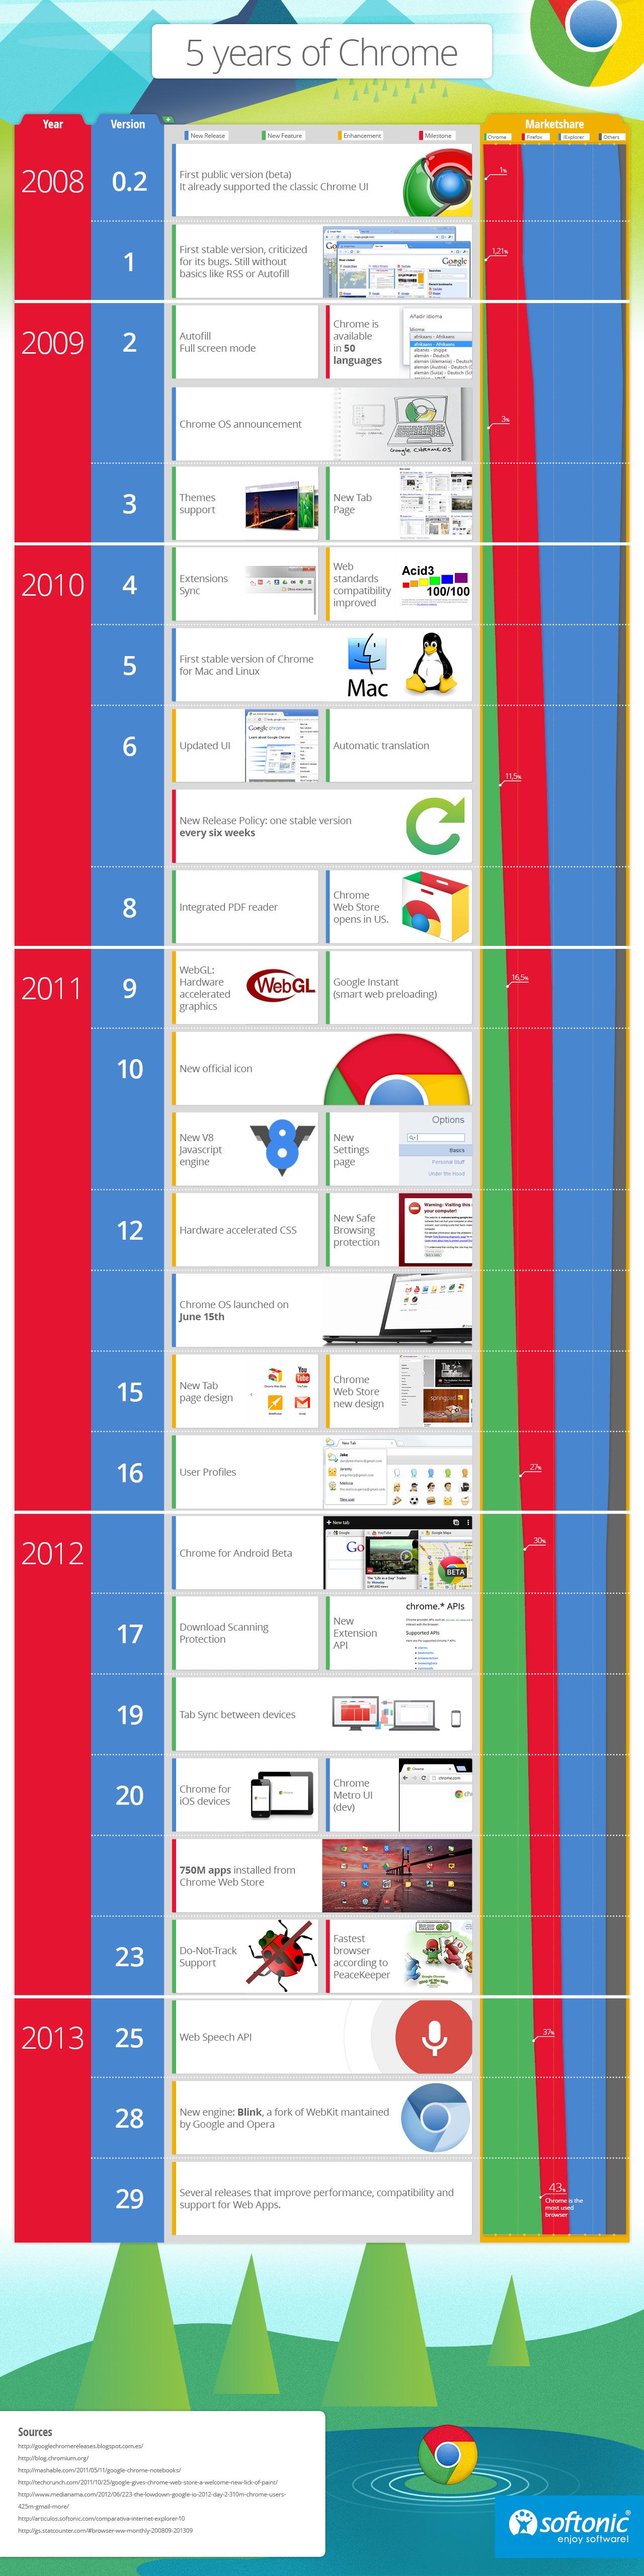 Chrome Anniversary Infographic